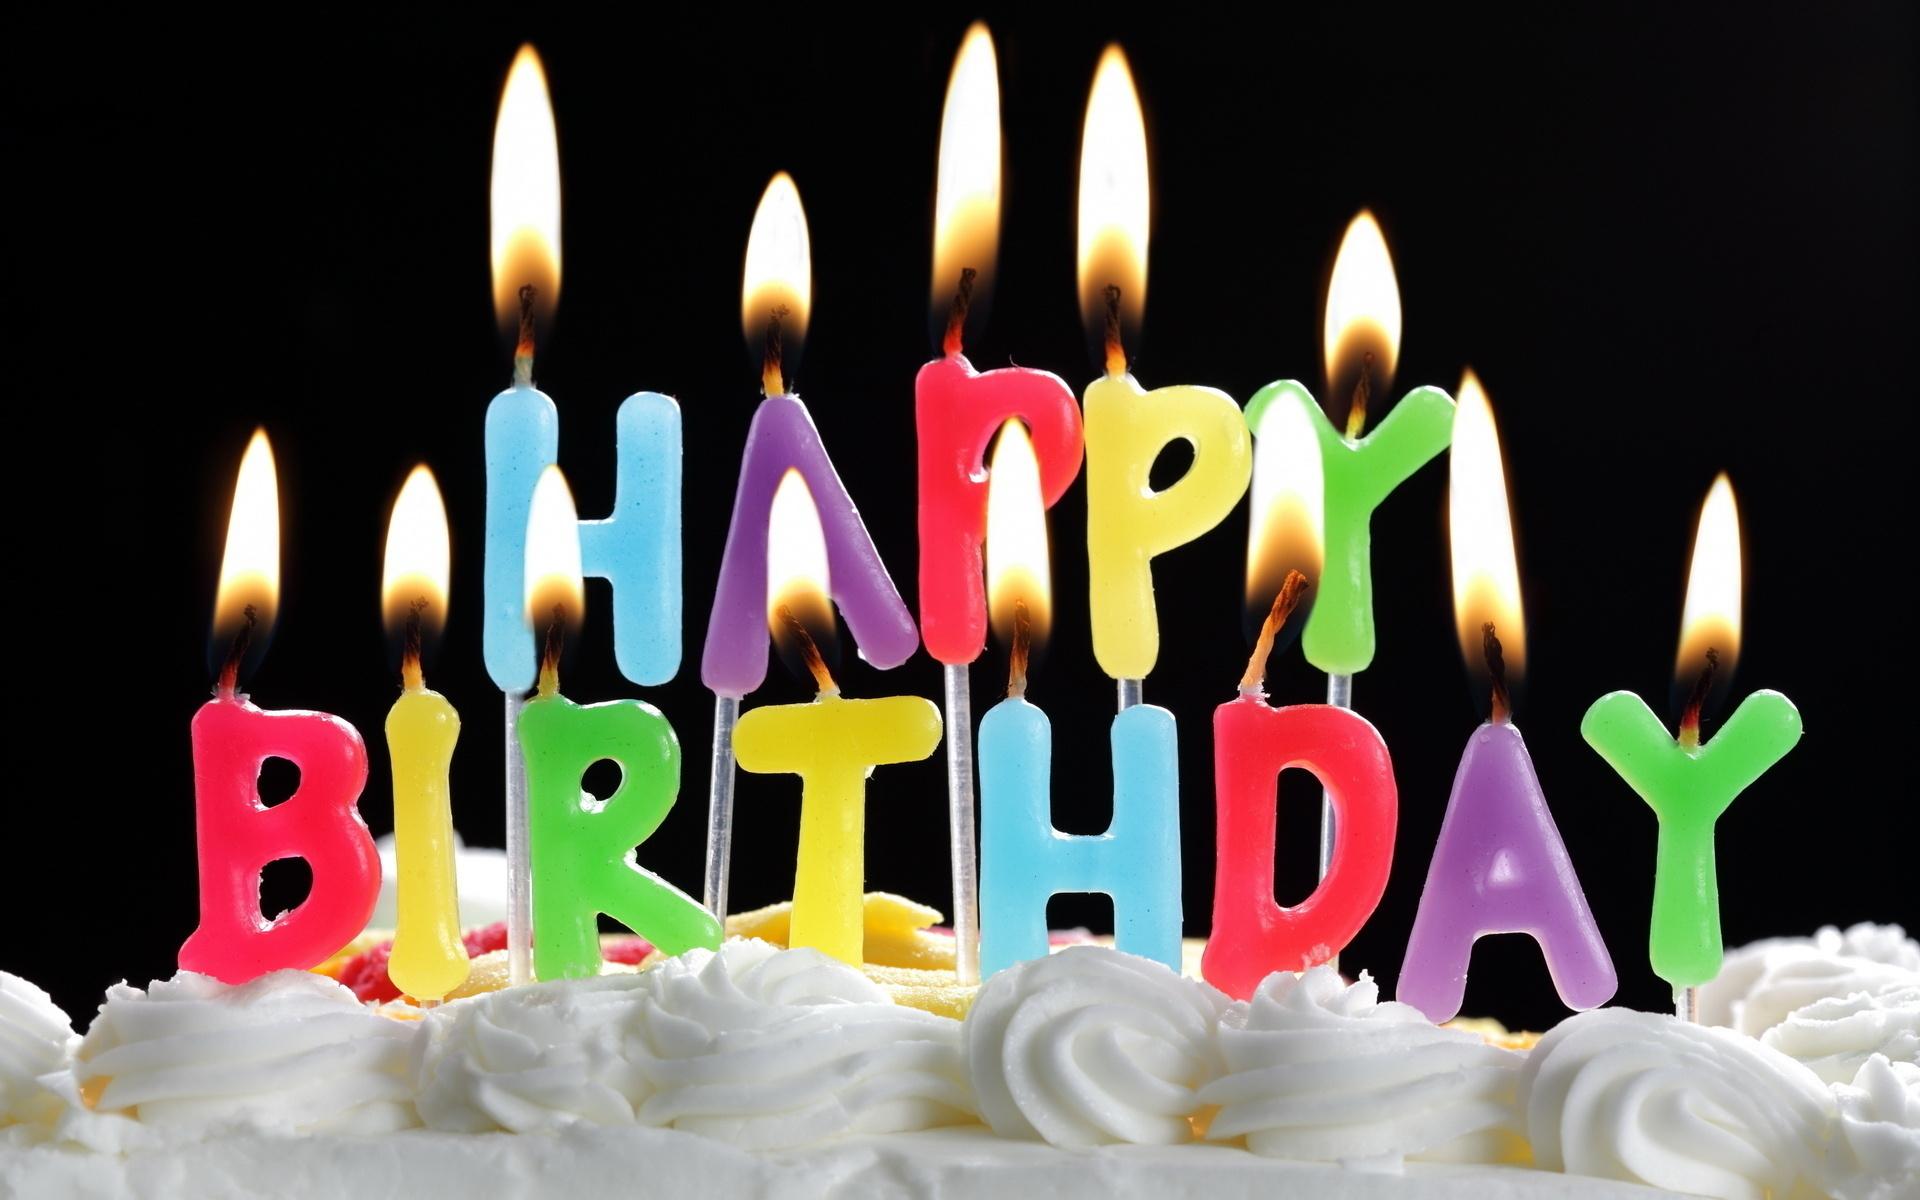 С днем рождения картинки без надписей мужчине, днем рождения